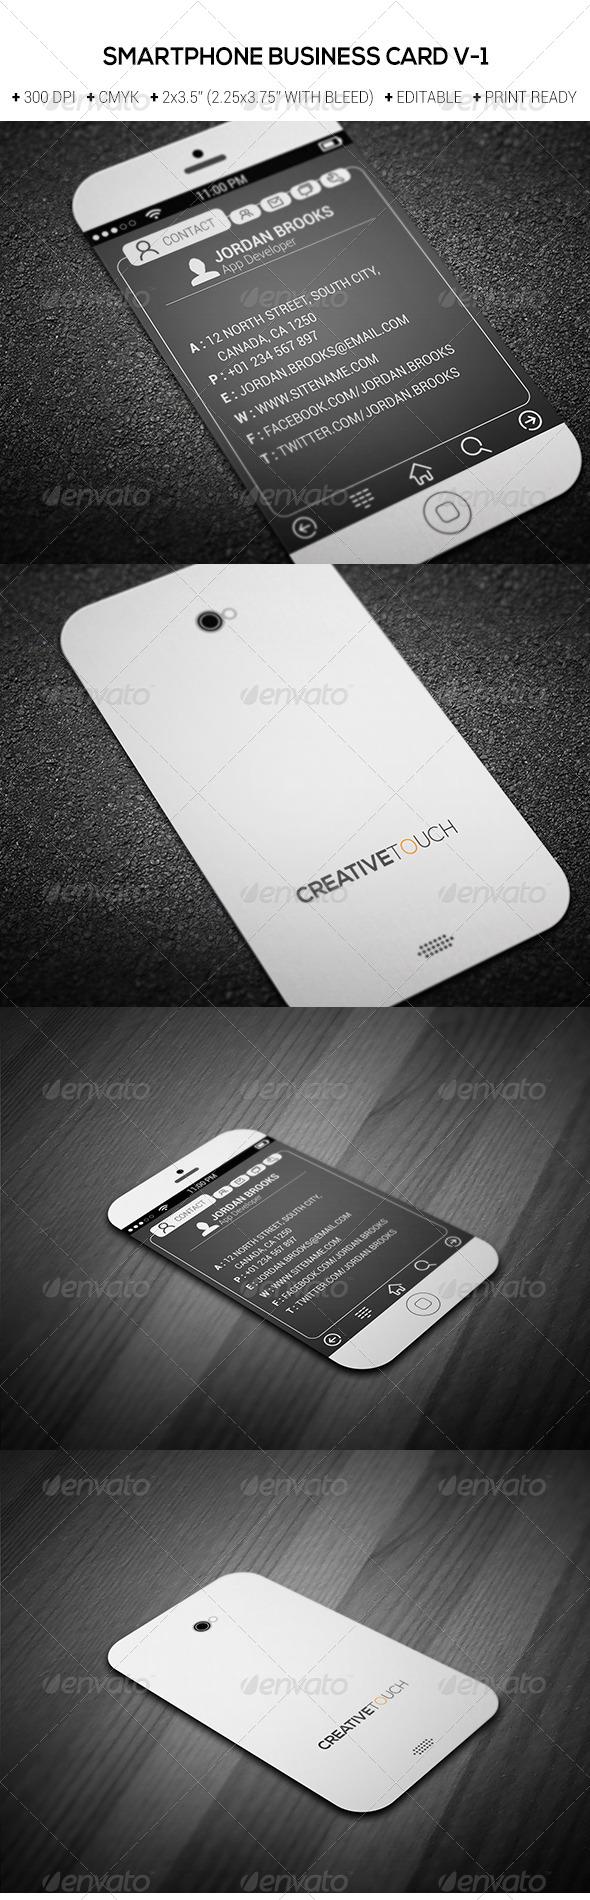 GraphicRiver Smartphone Business Card V-1 7016201